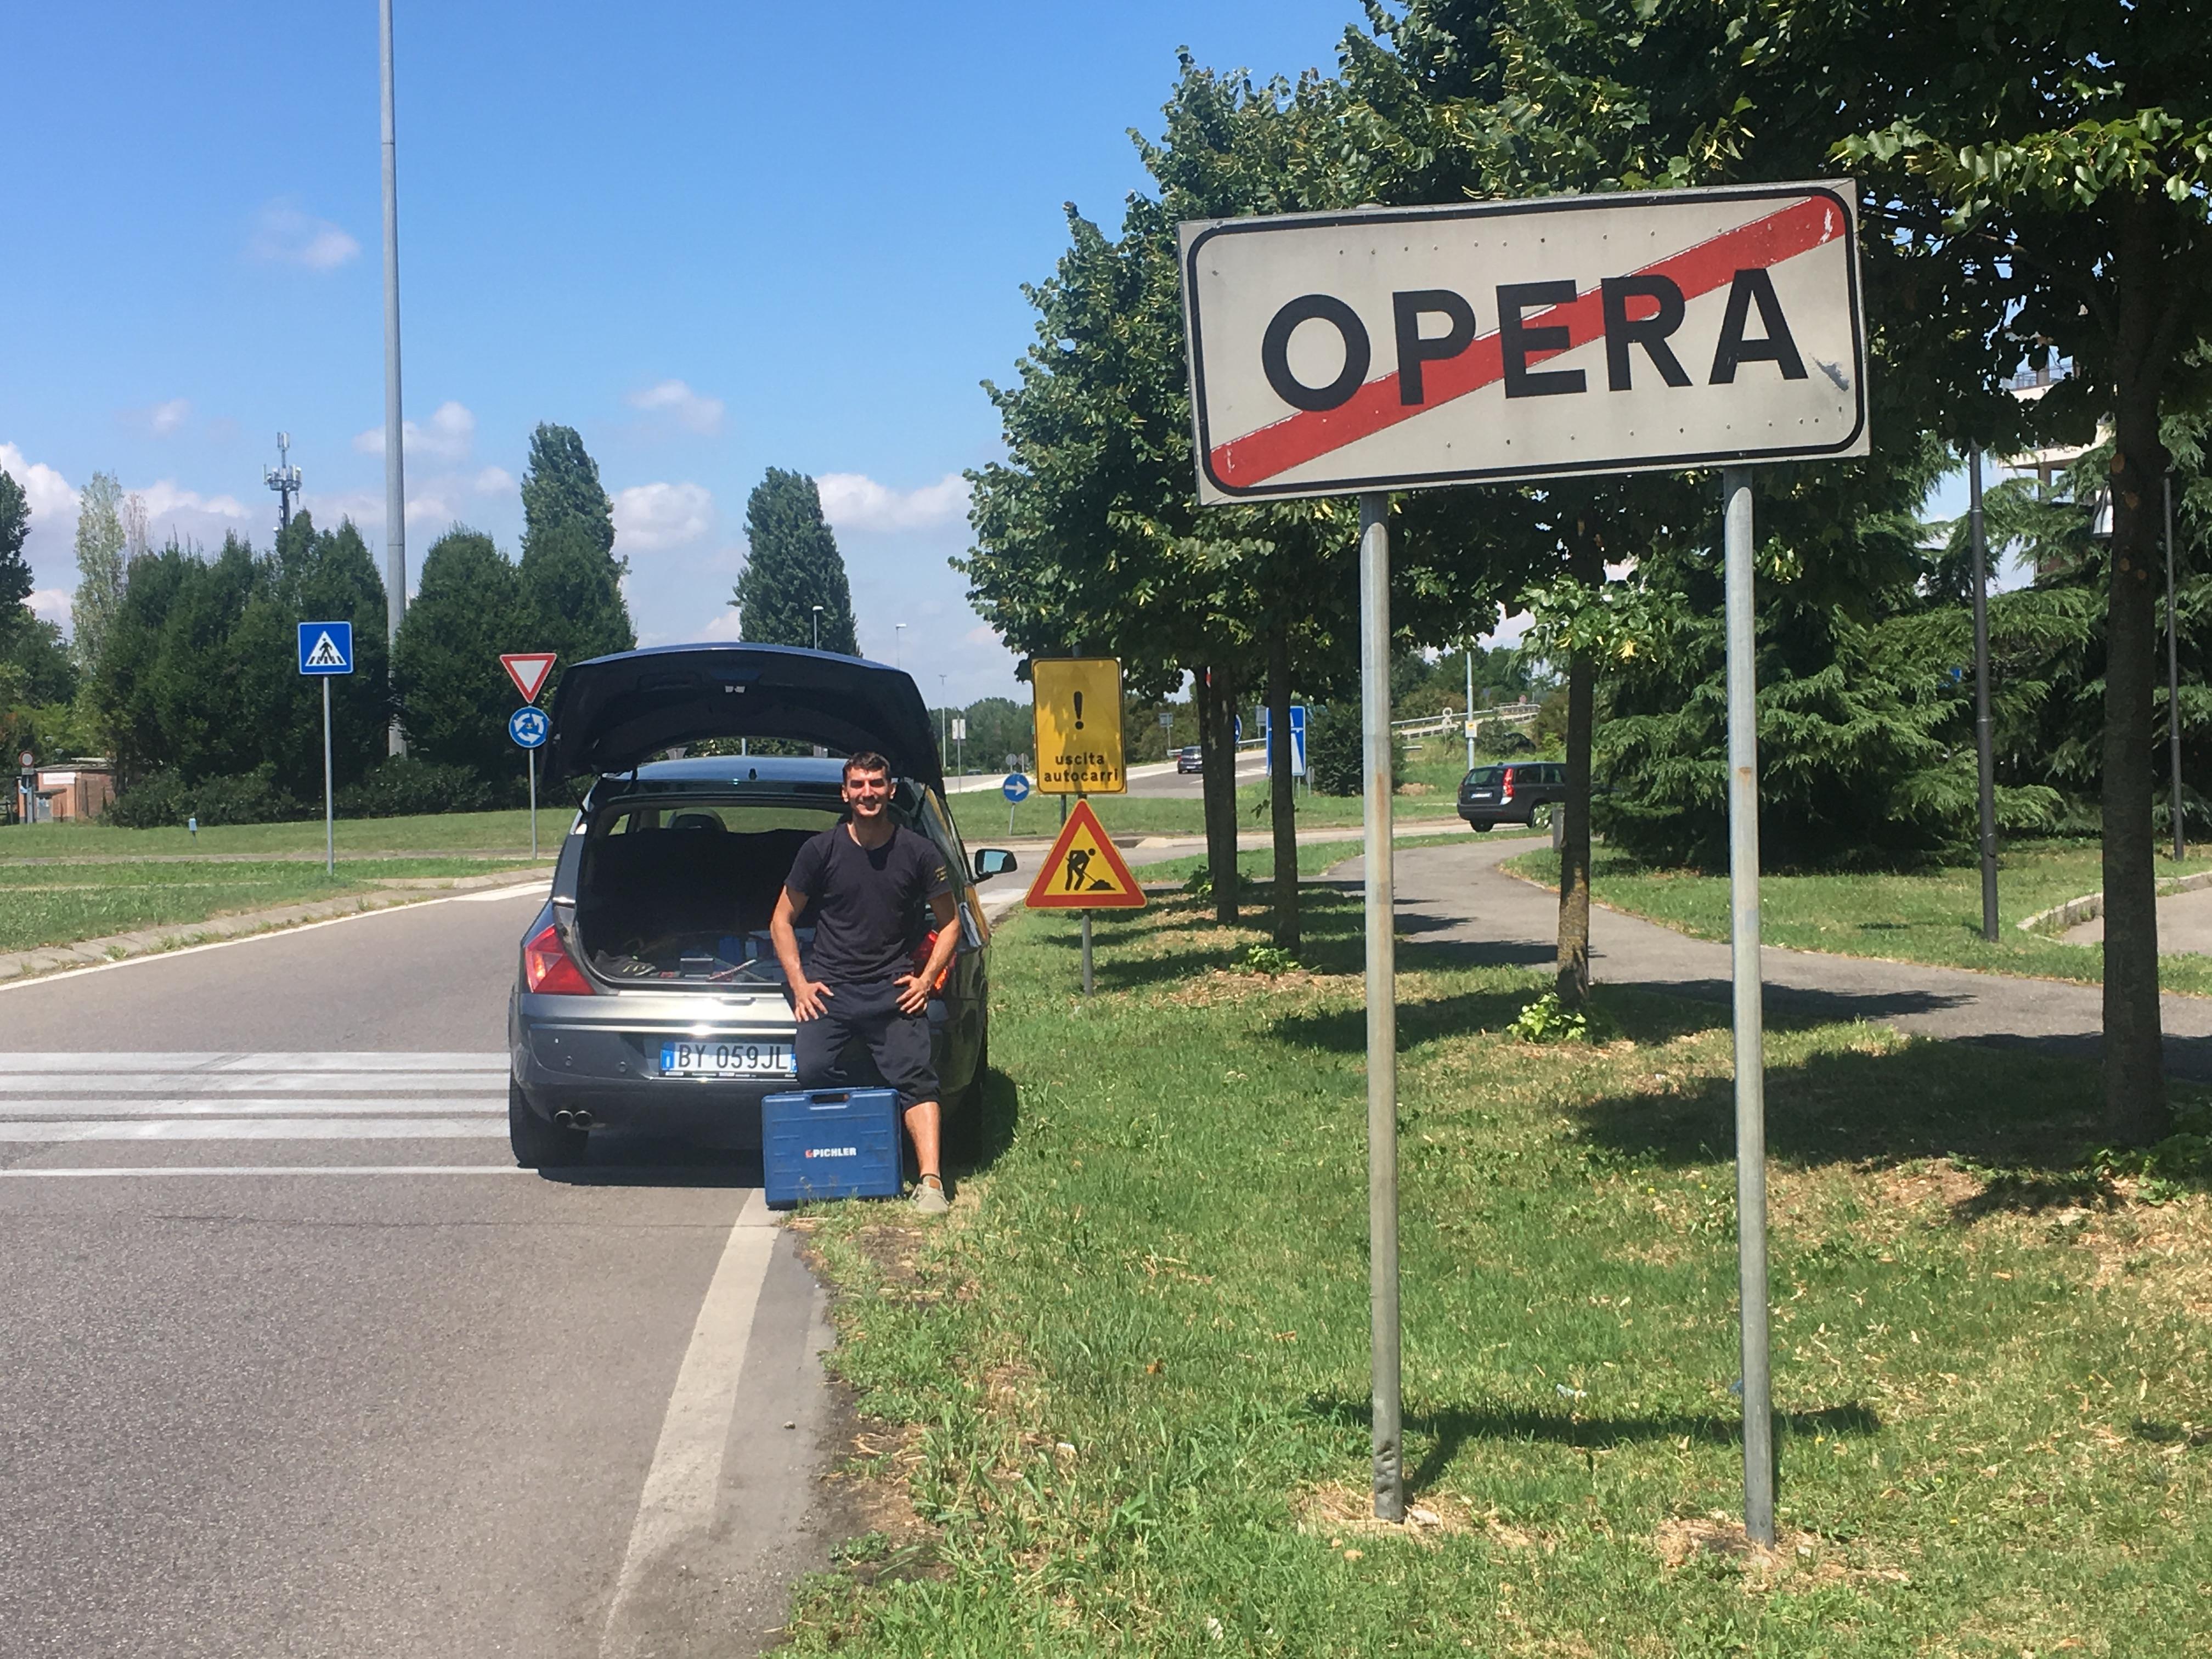 Opera (Milano)